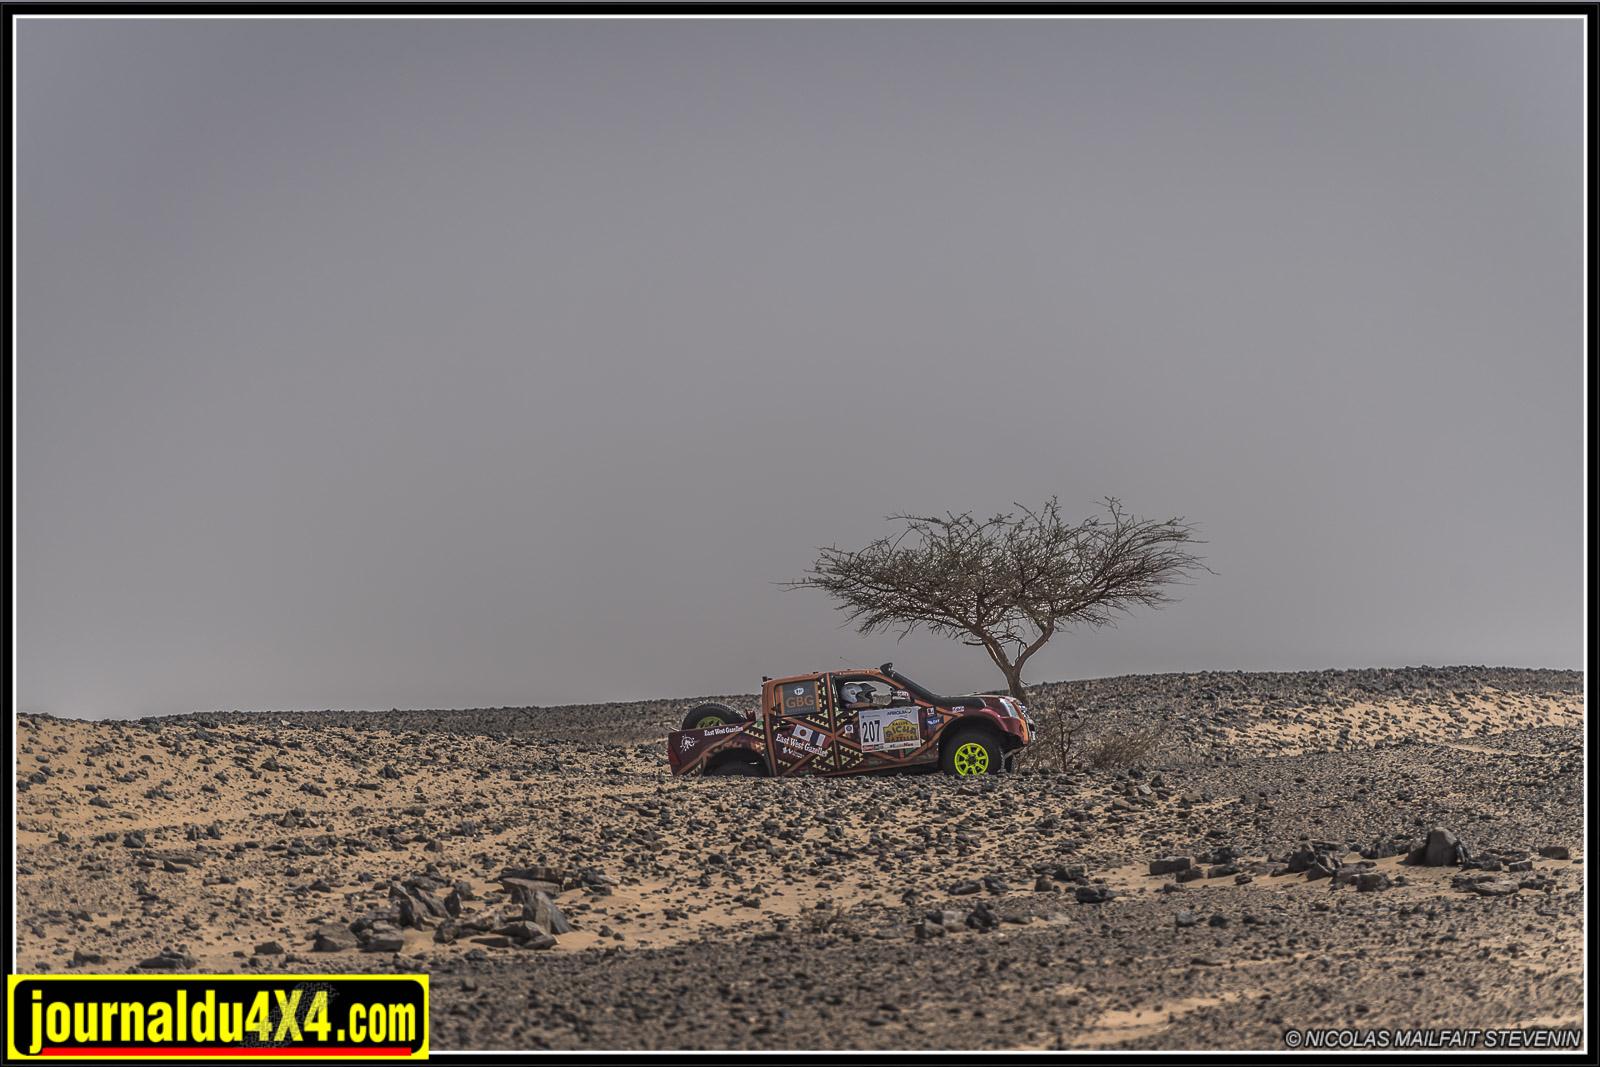 rallye-aicha-gazelles-maroc-2017-7870.jpg